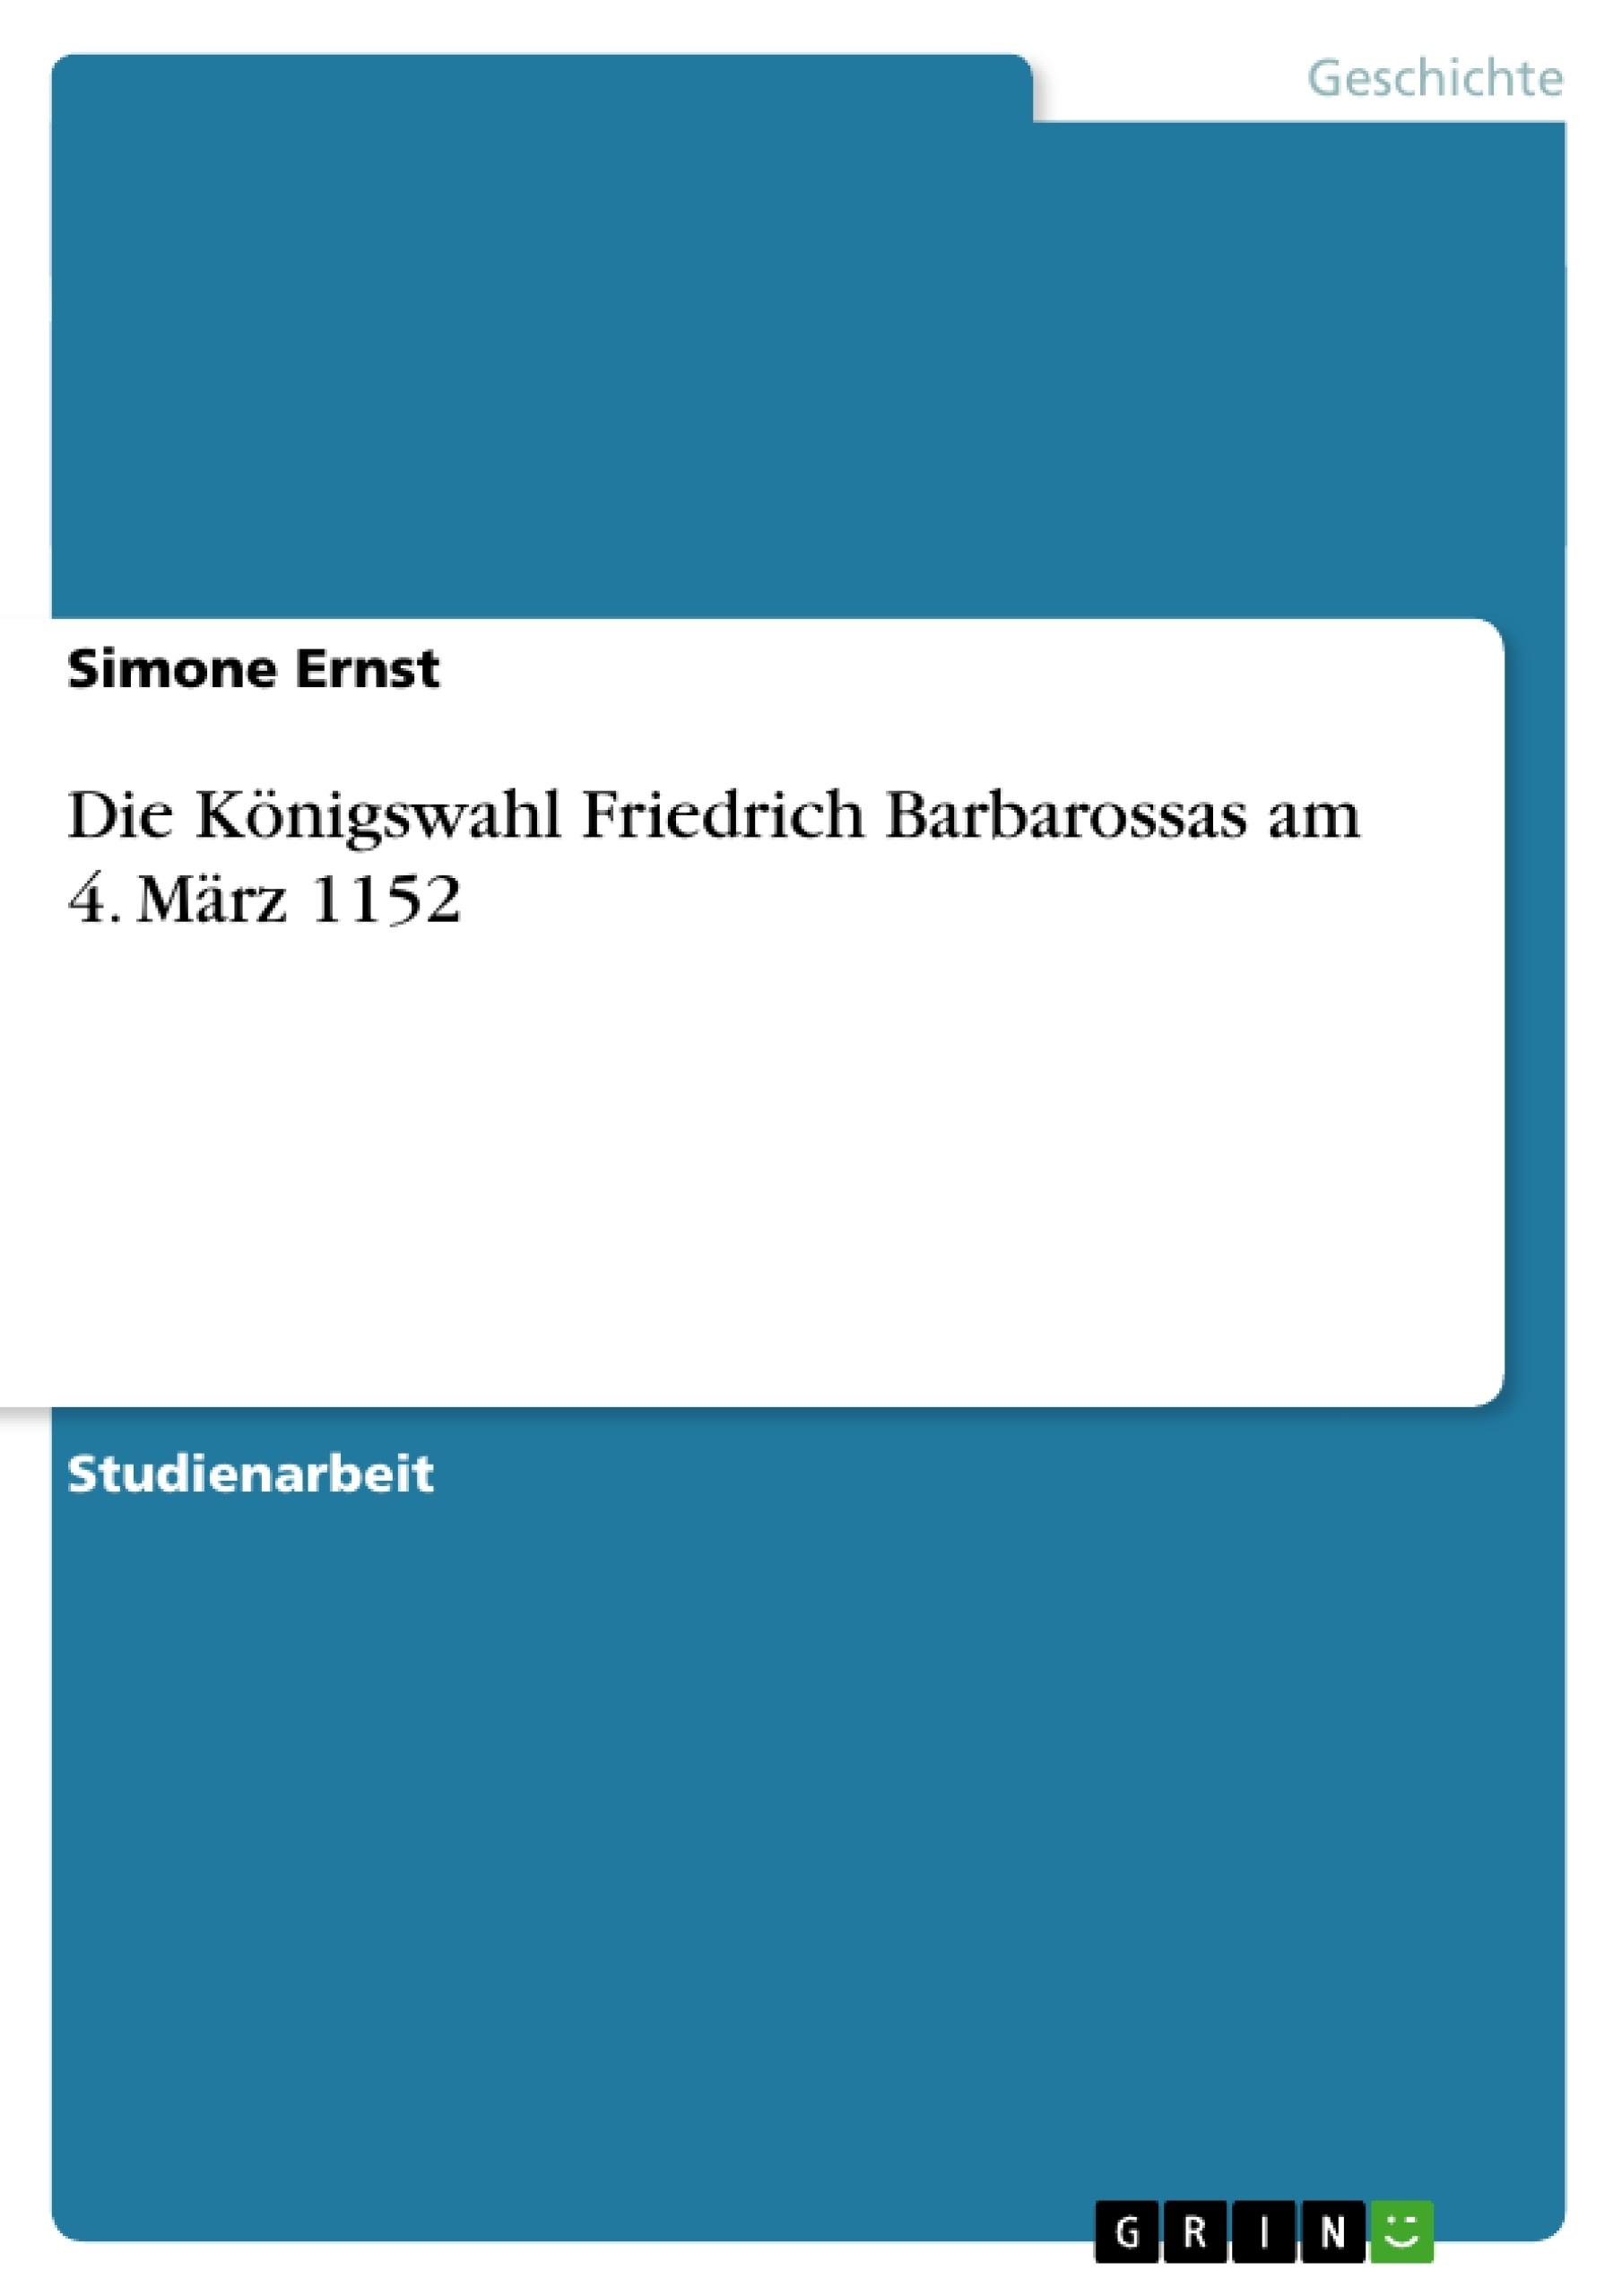 Titel: Die Königswahl Friedrich Barbarossas am 4. März 1152